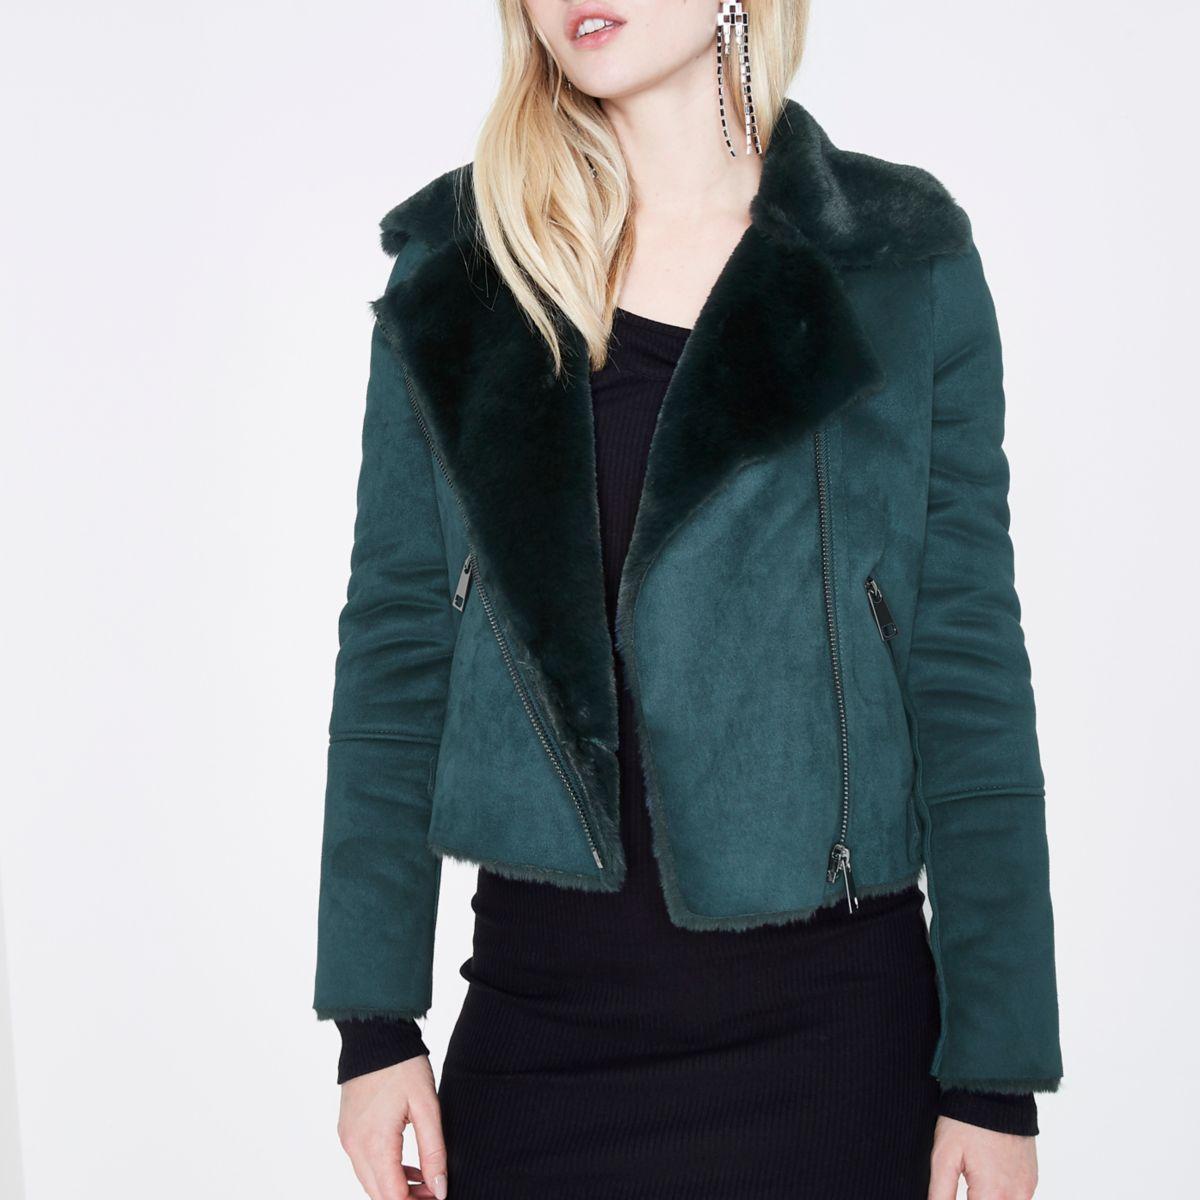 Green faux shearling biker jacket